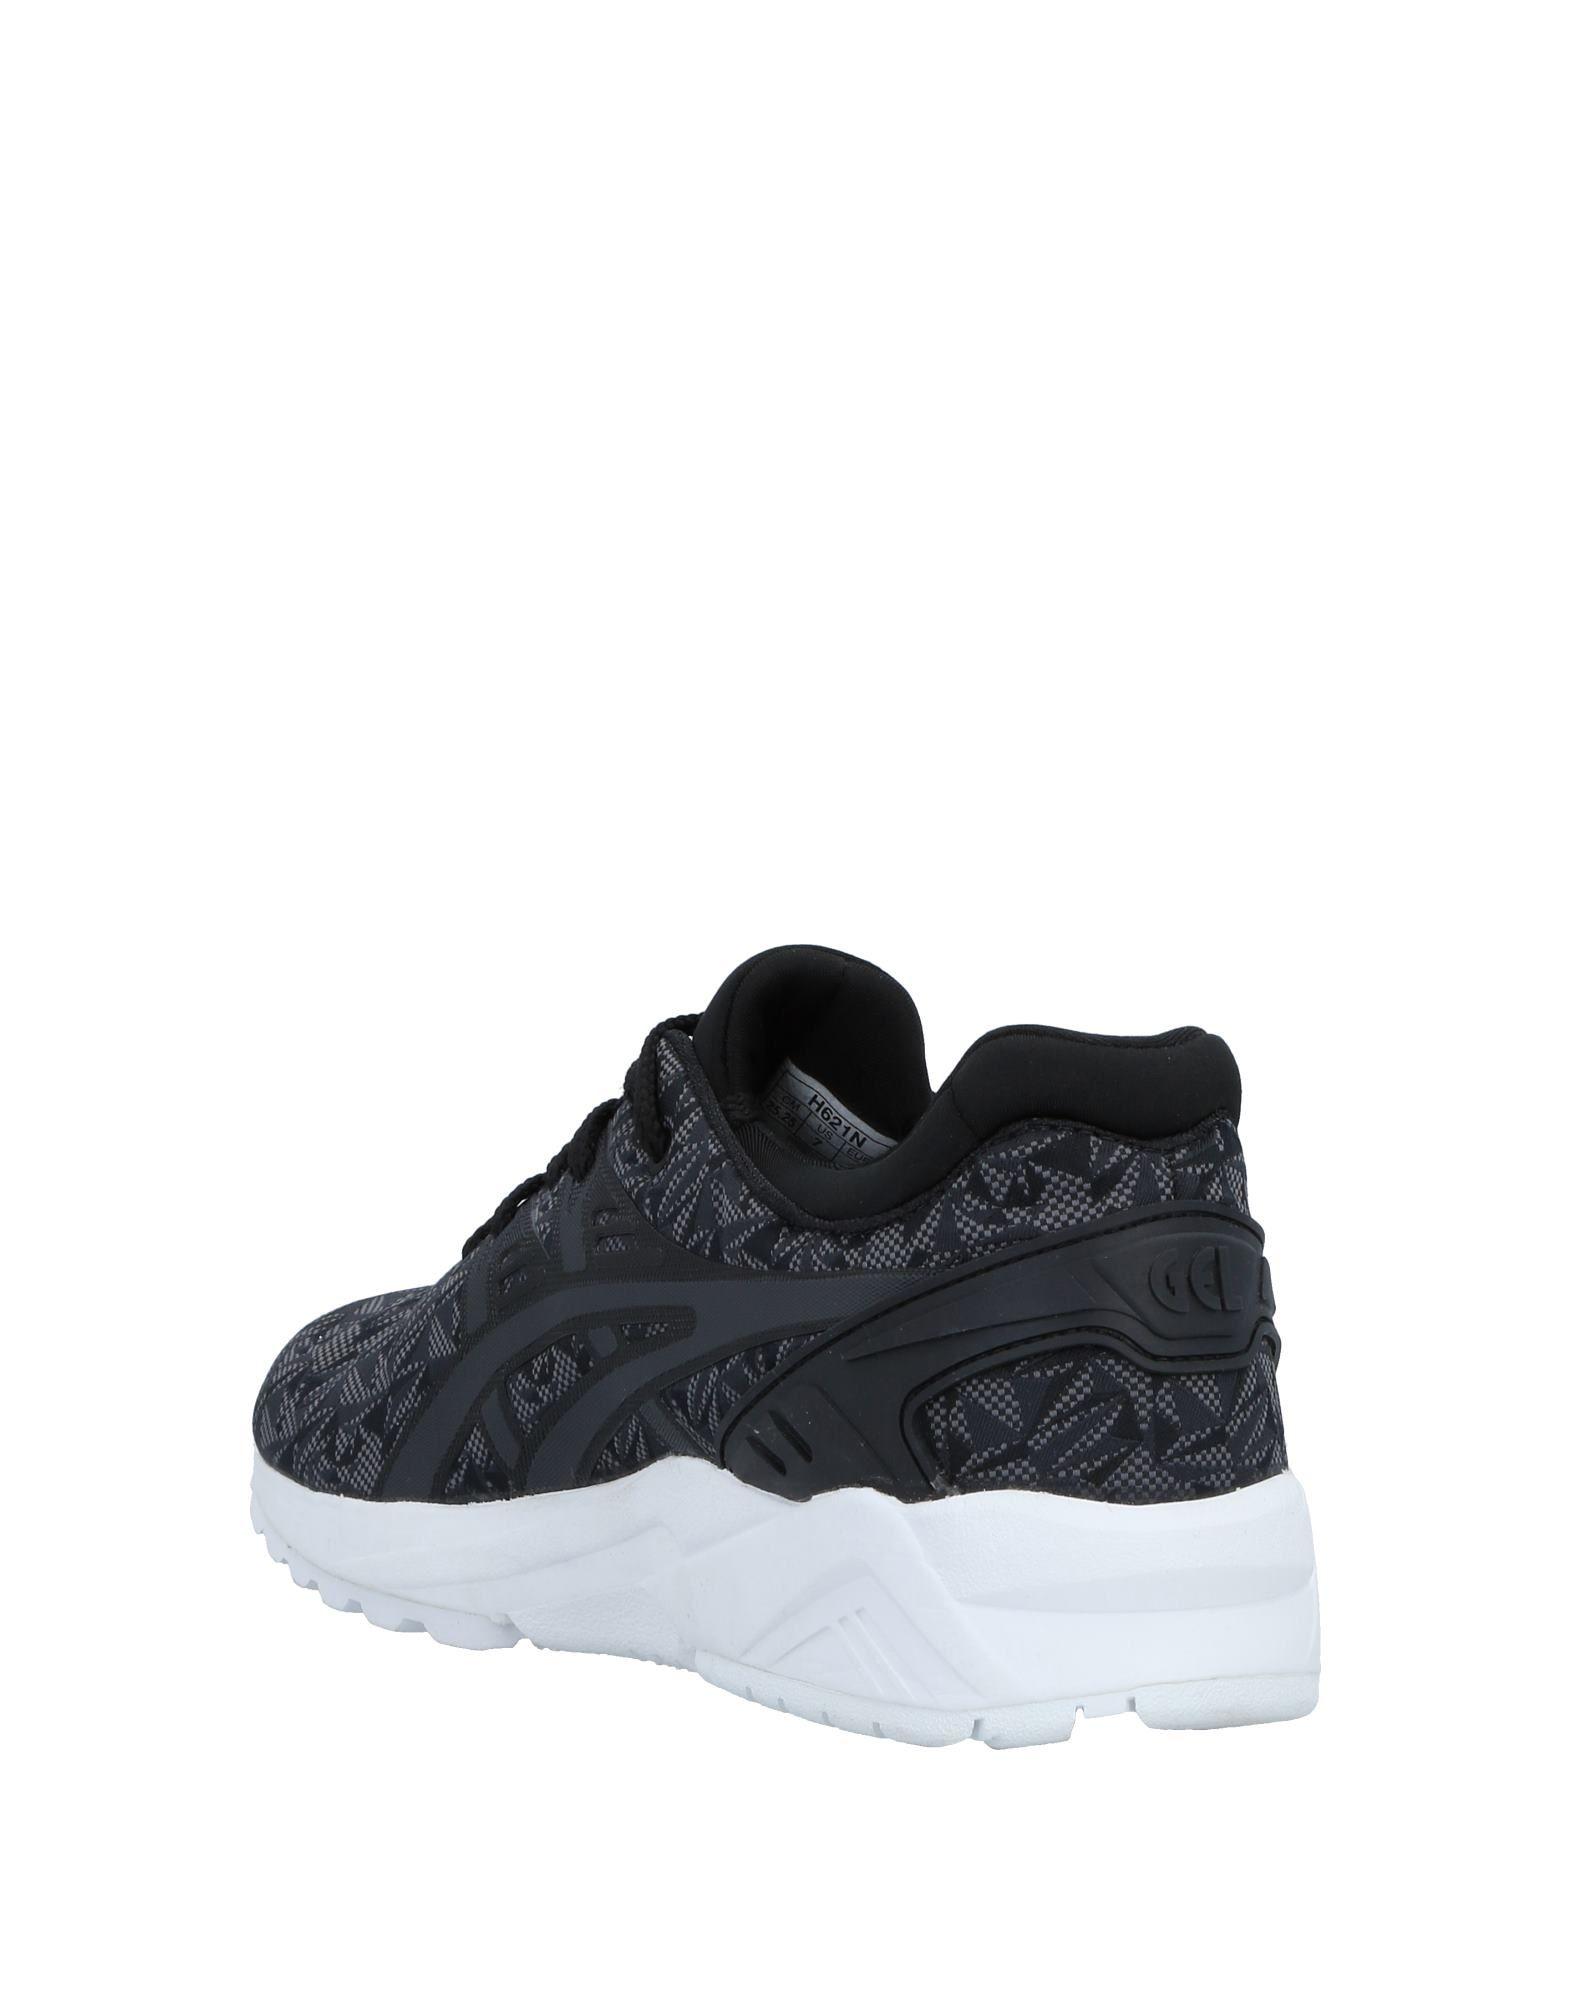 Asics Gute Sneakers Damen  11534337BP Gute Asics Qualität beliebte Schuhe 111469